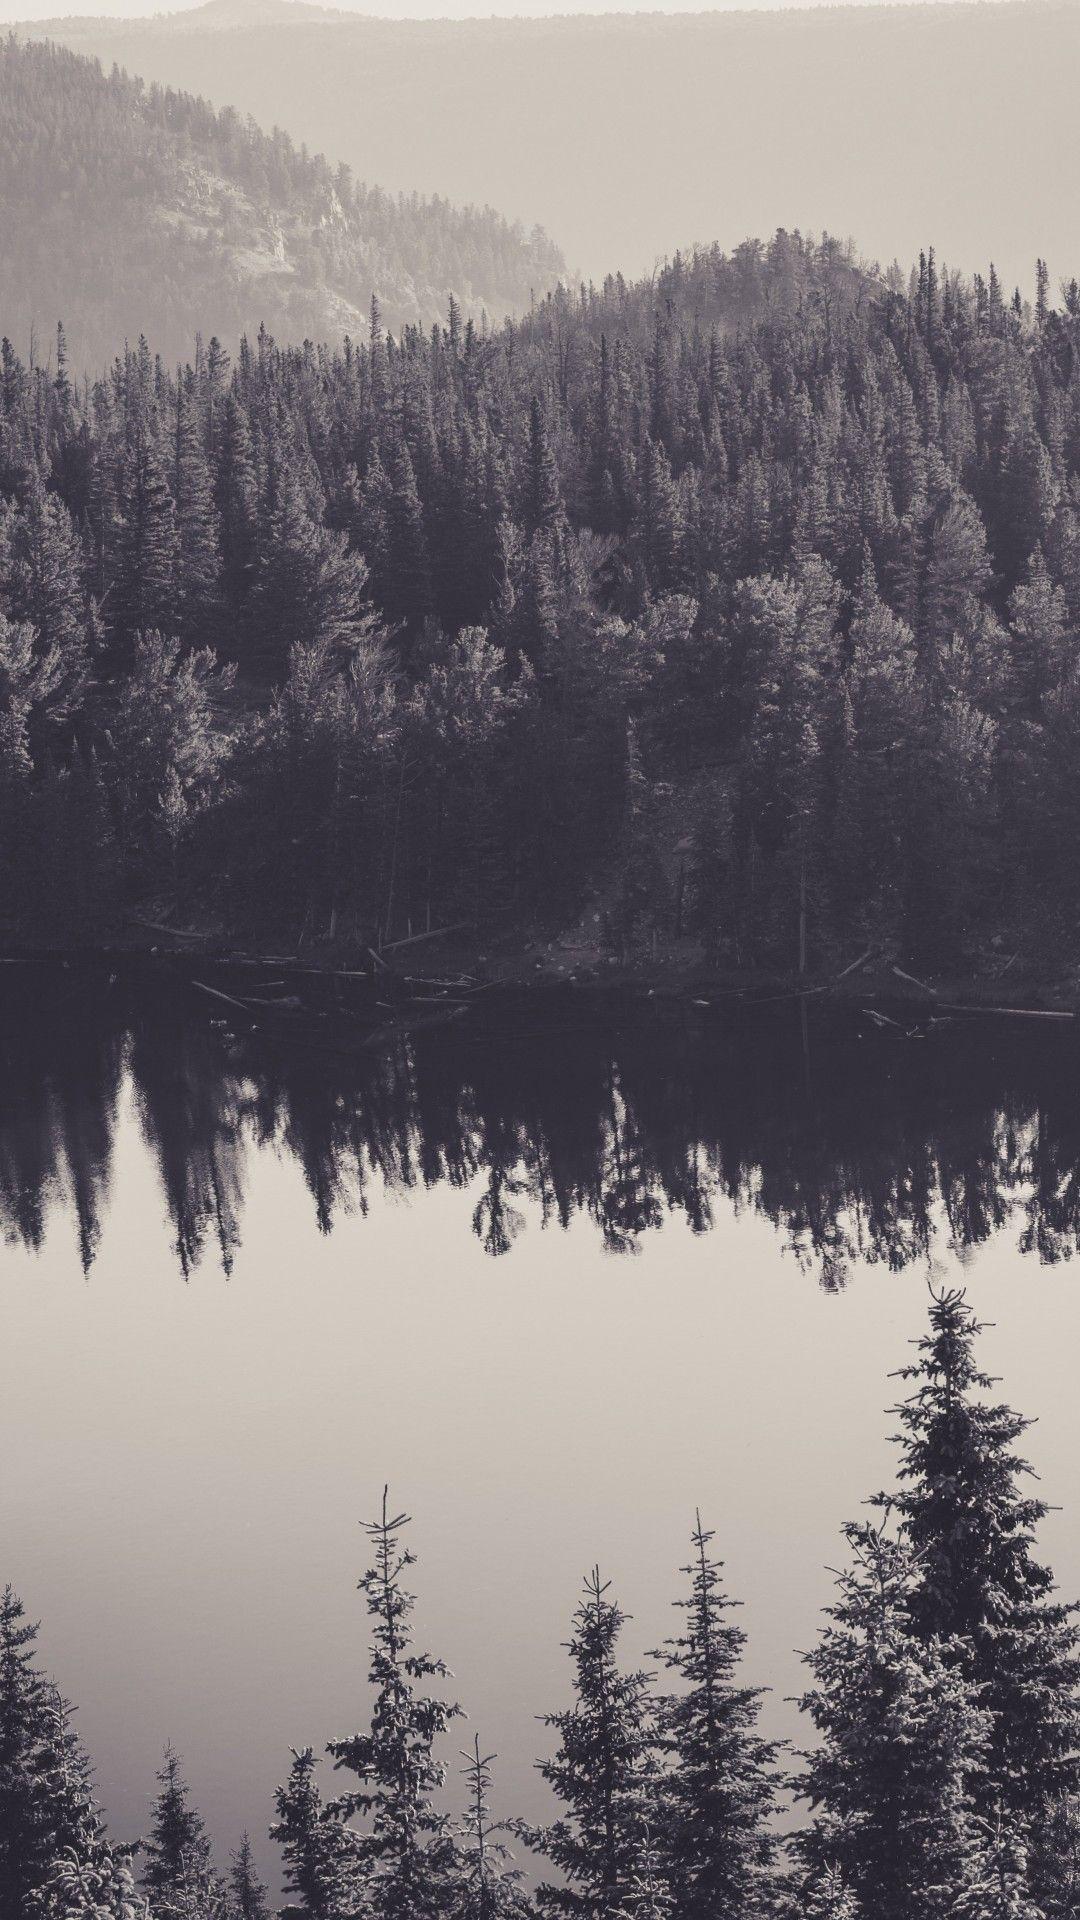 Iphone wallpaper tumblr nature - Dark Wallpaper 4k Black And White Iphone 6 Plus Wallpaper